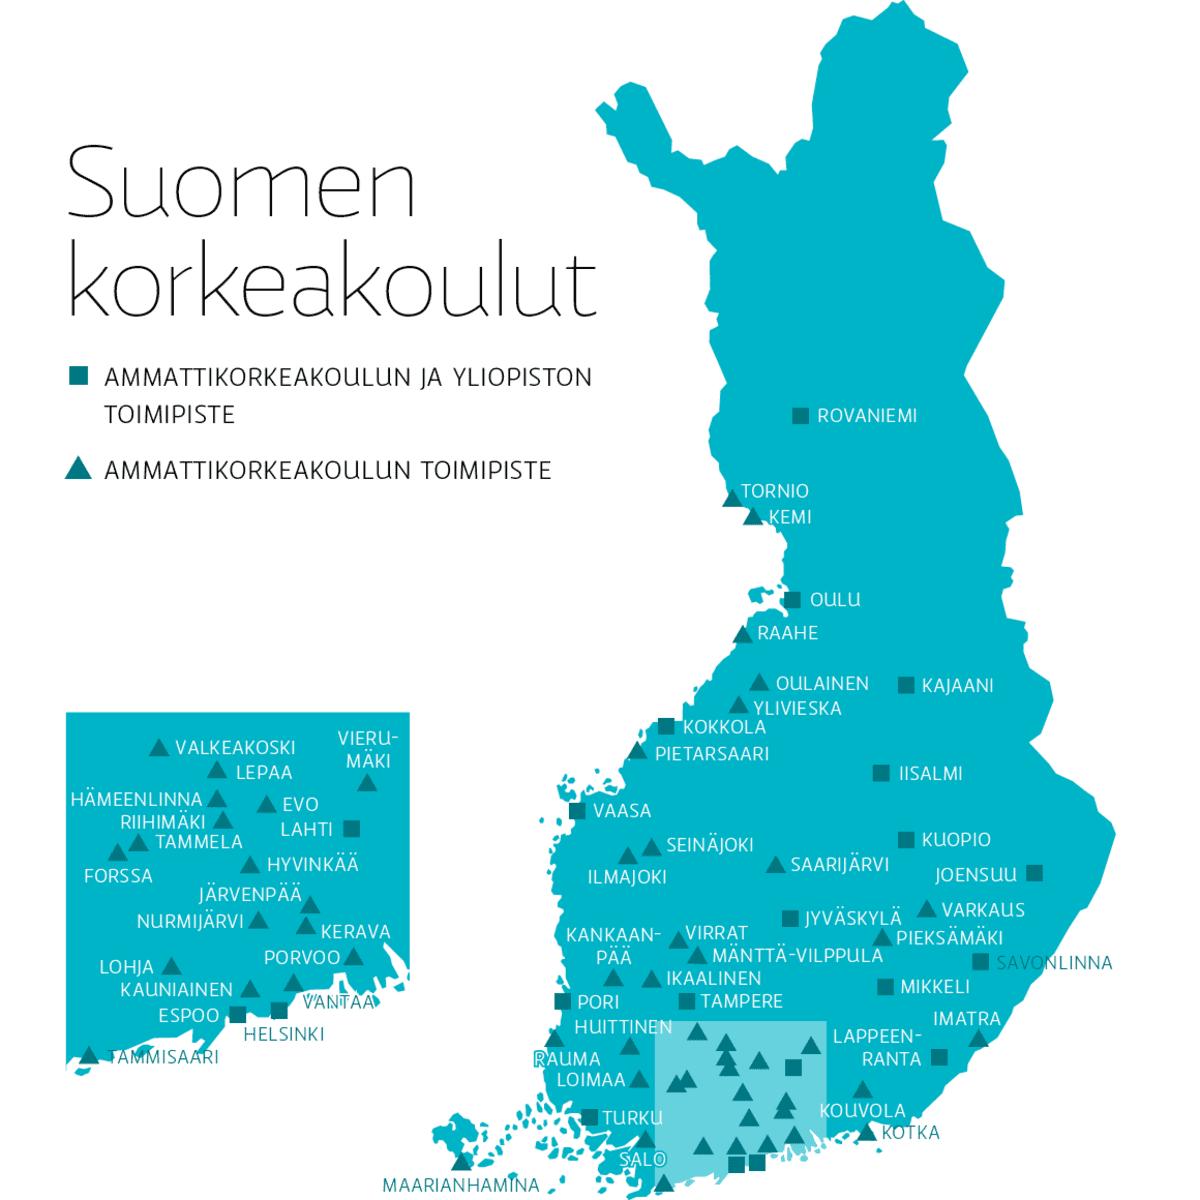 Ammattikorkeakouluista Valmistunut Jaa Aloilleen Yle Uutiset